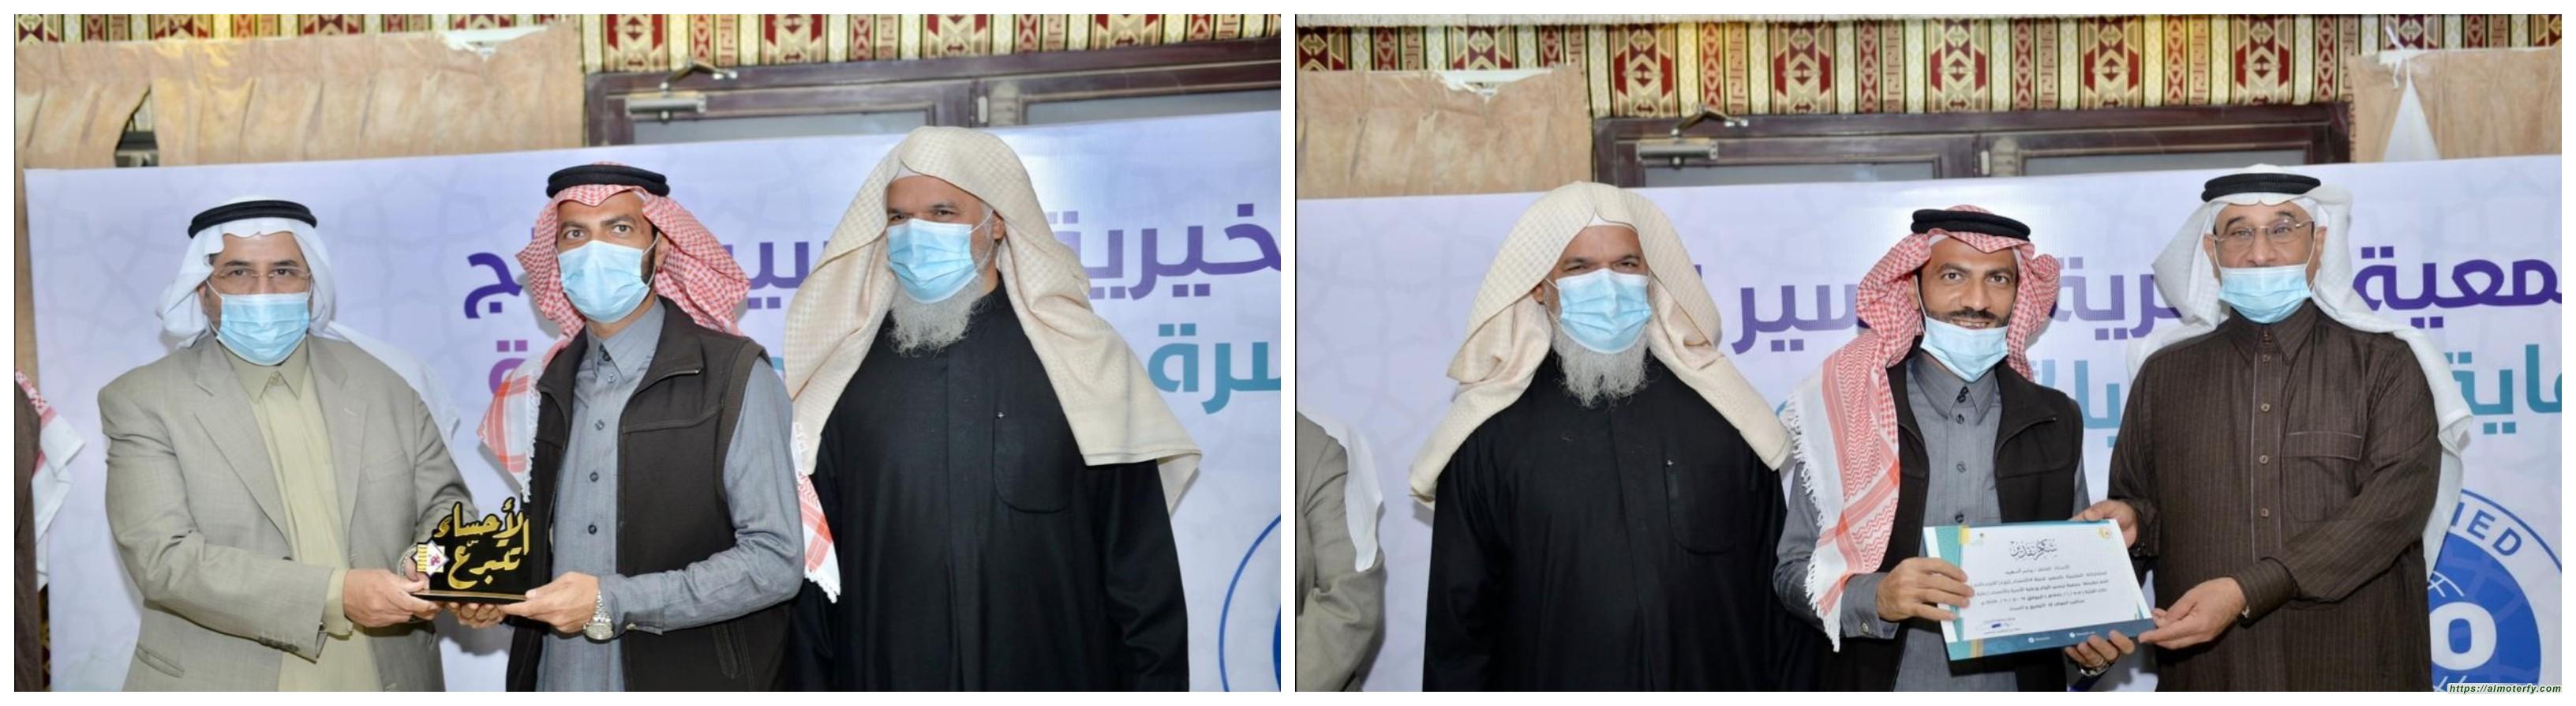 جمعية رعاية تكرم مستشفى مدينة العيون